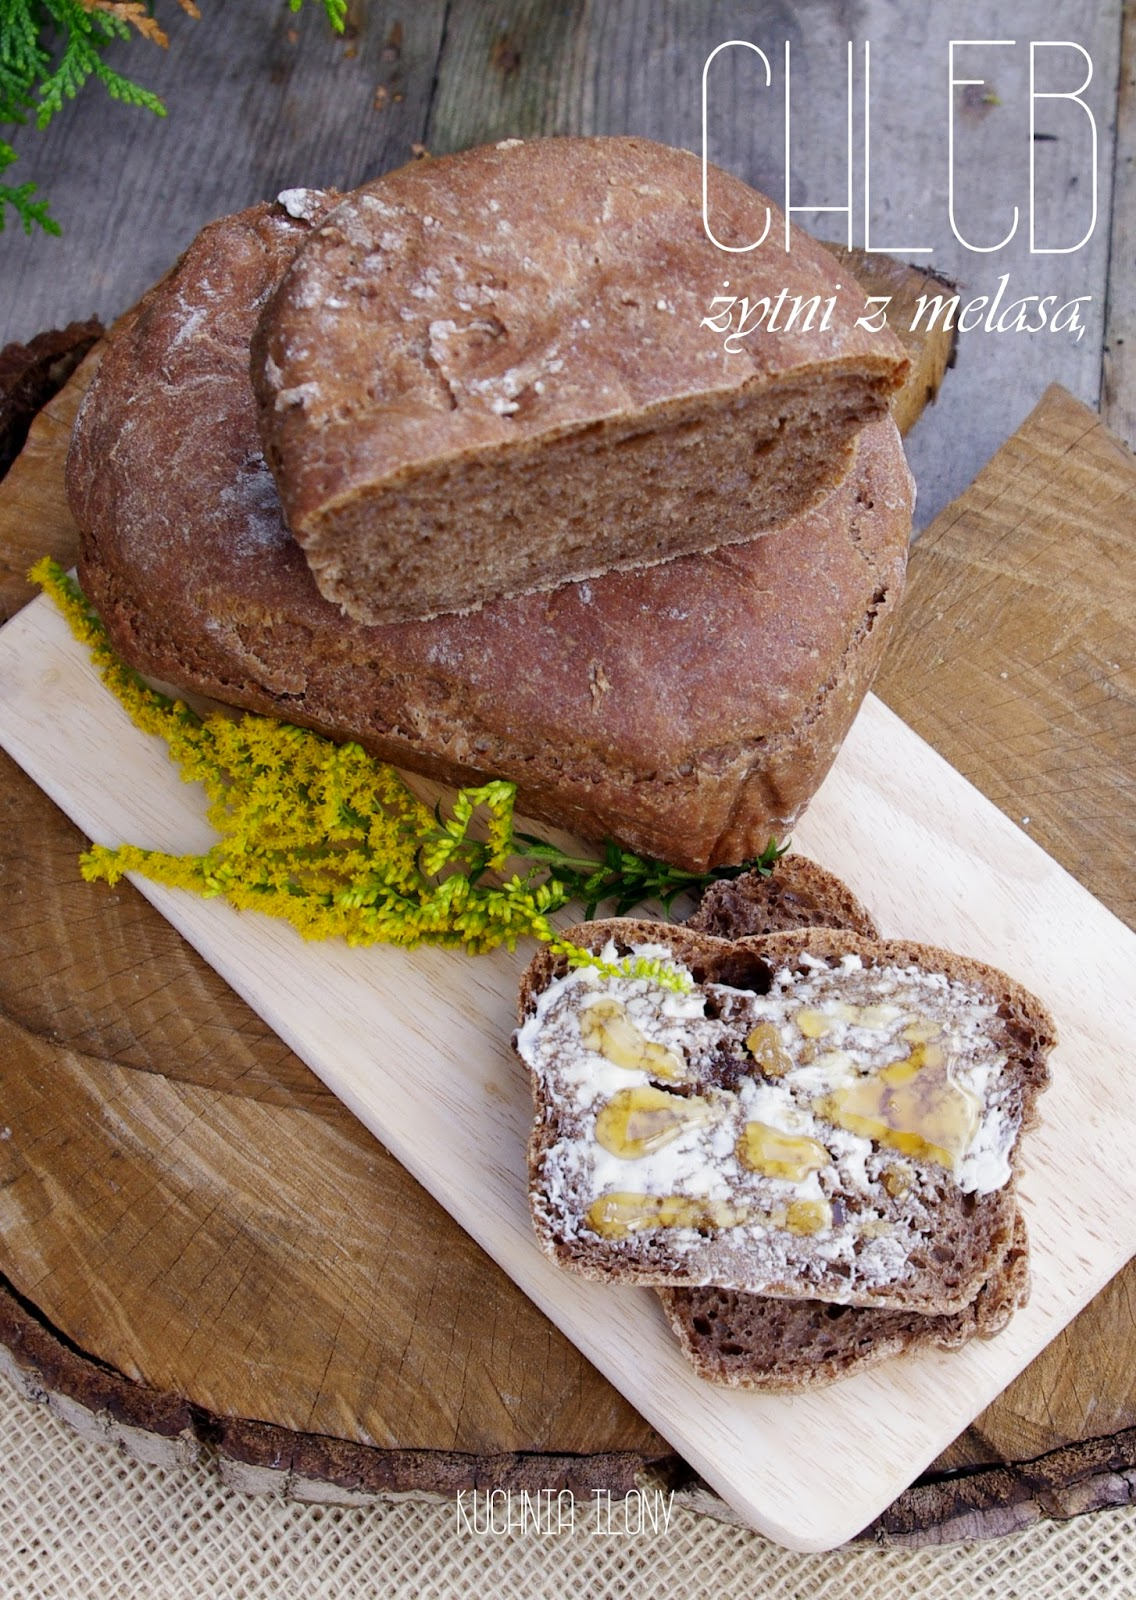 chleb żytni, chleb żytni z melasą, chleb, domowe pieczywo